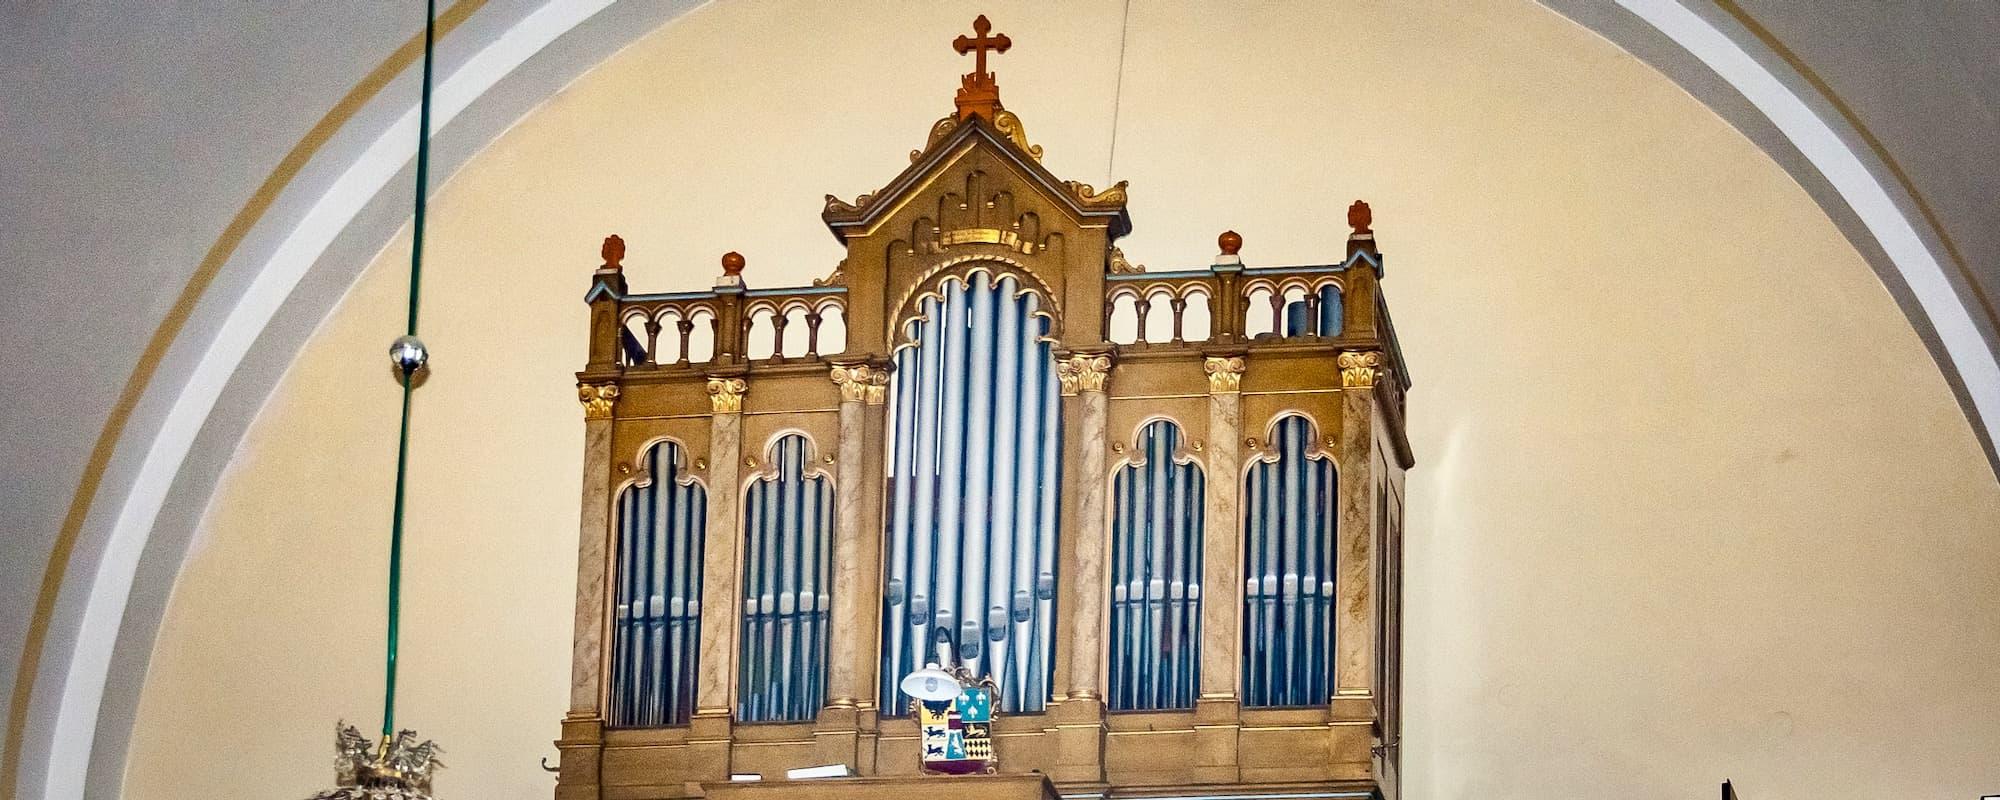 Varhany v Kostele Božského Srdce Páně v Hlubočkách